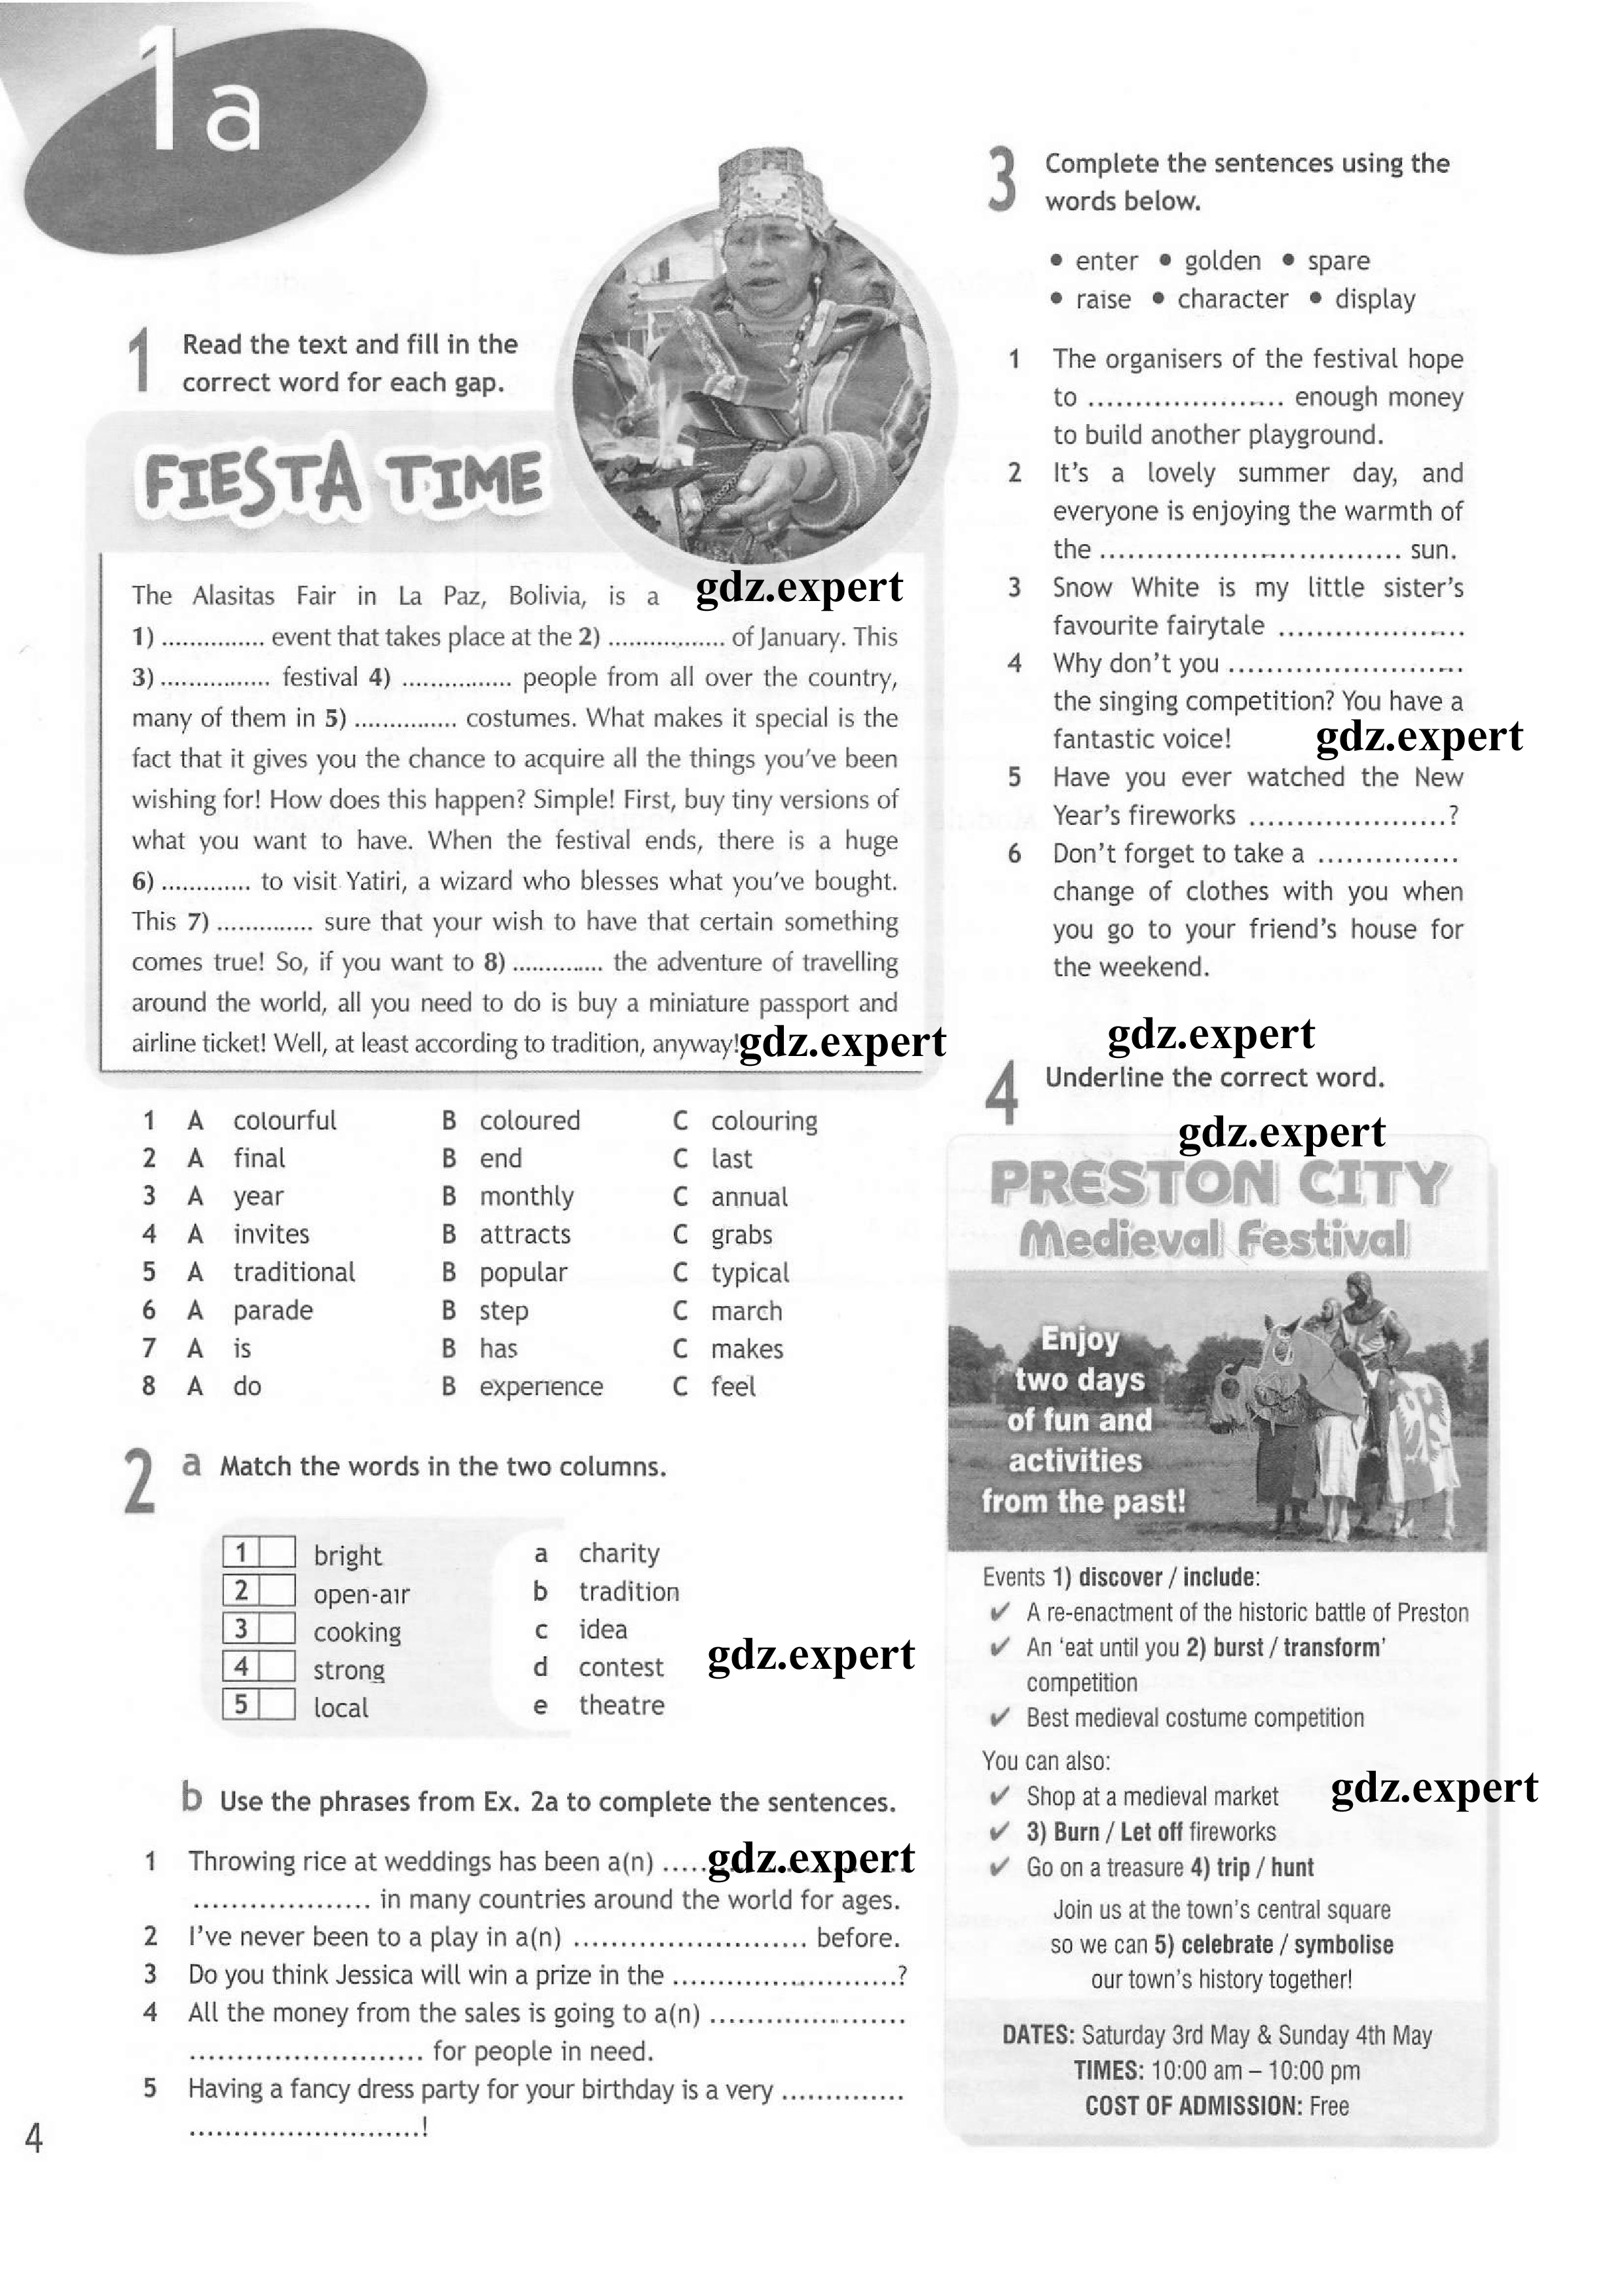 стр. 4 - условие